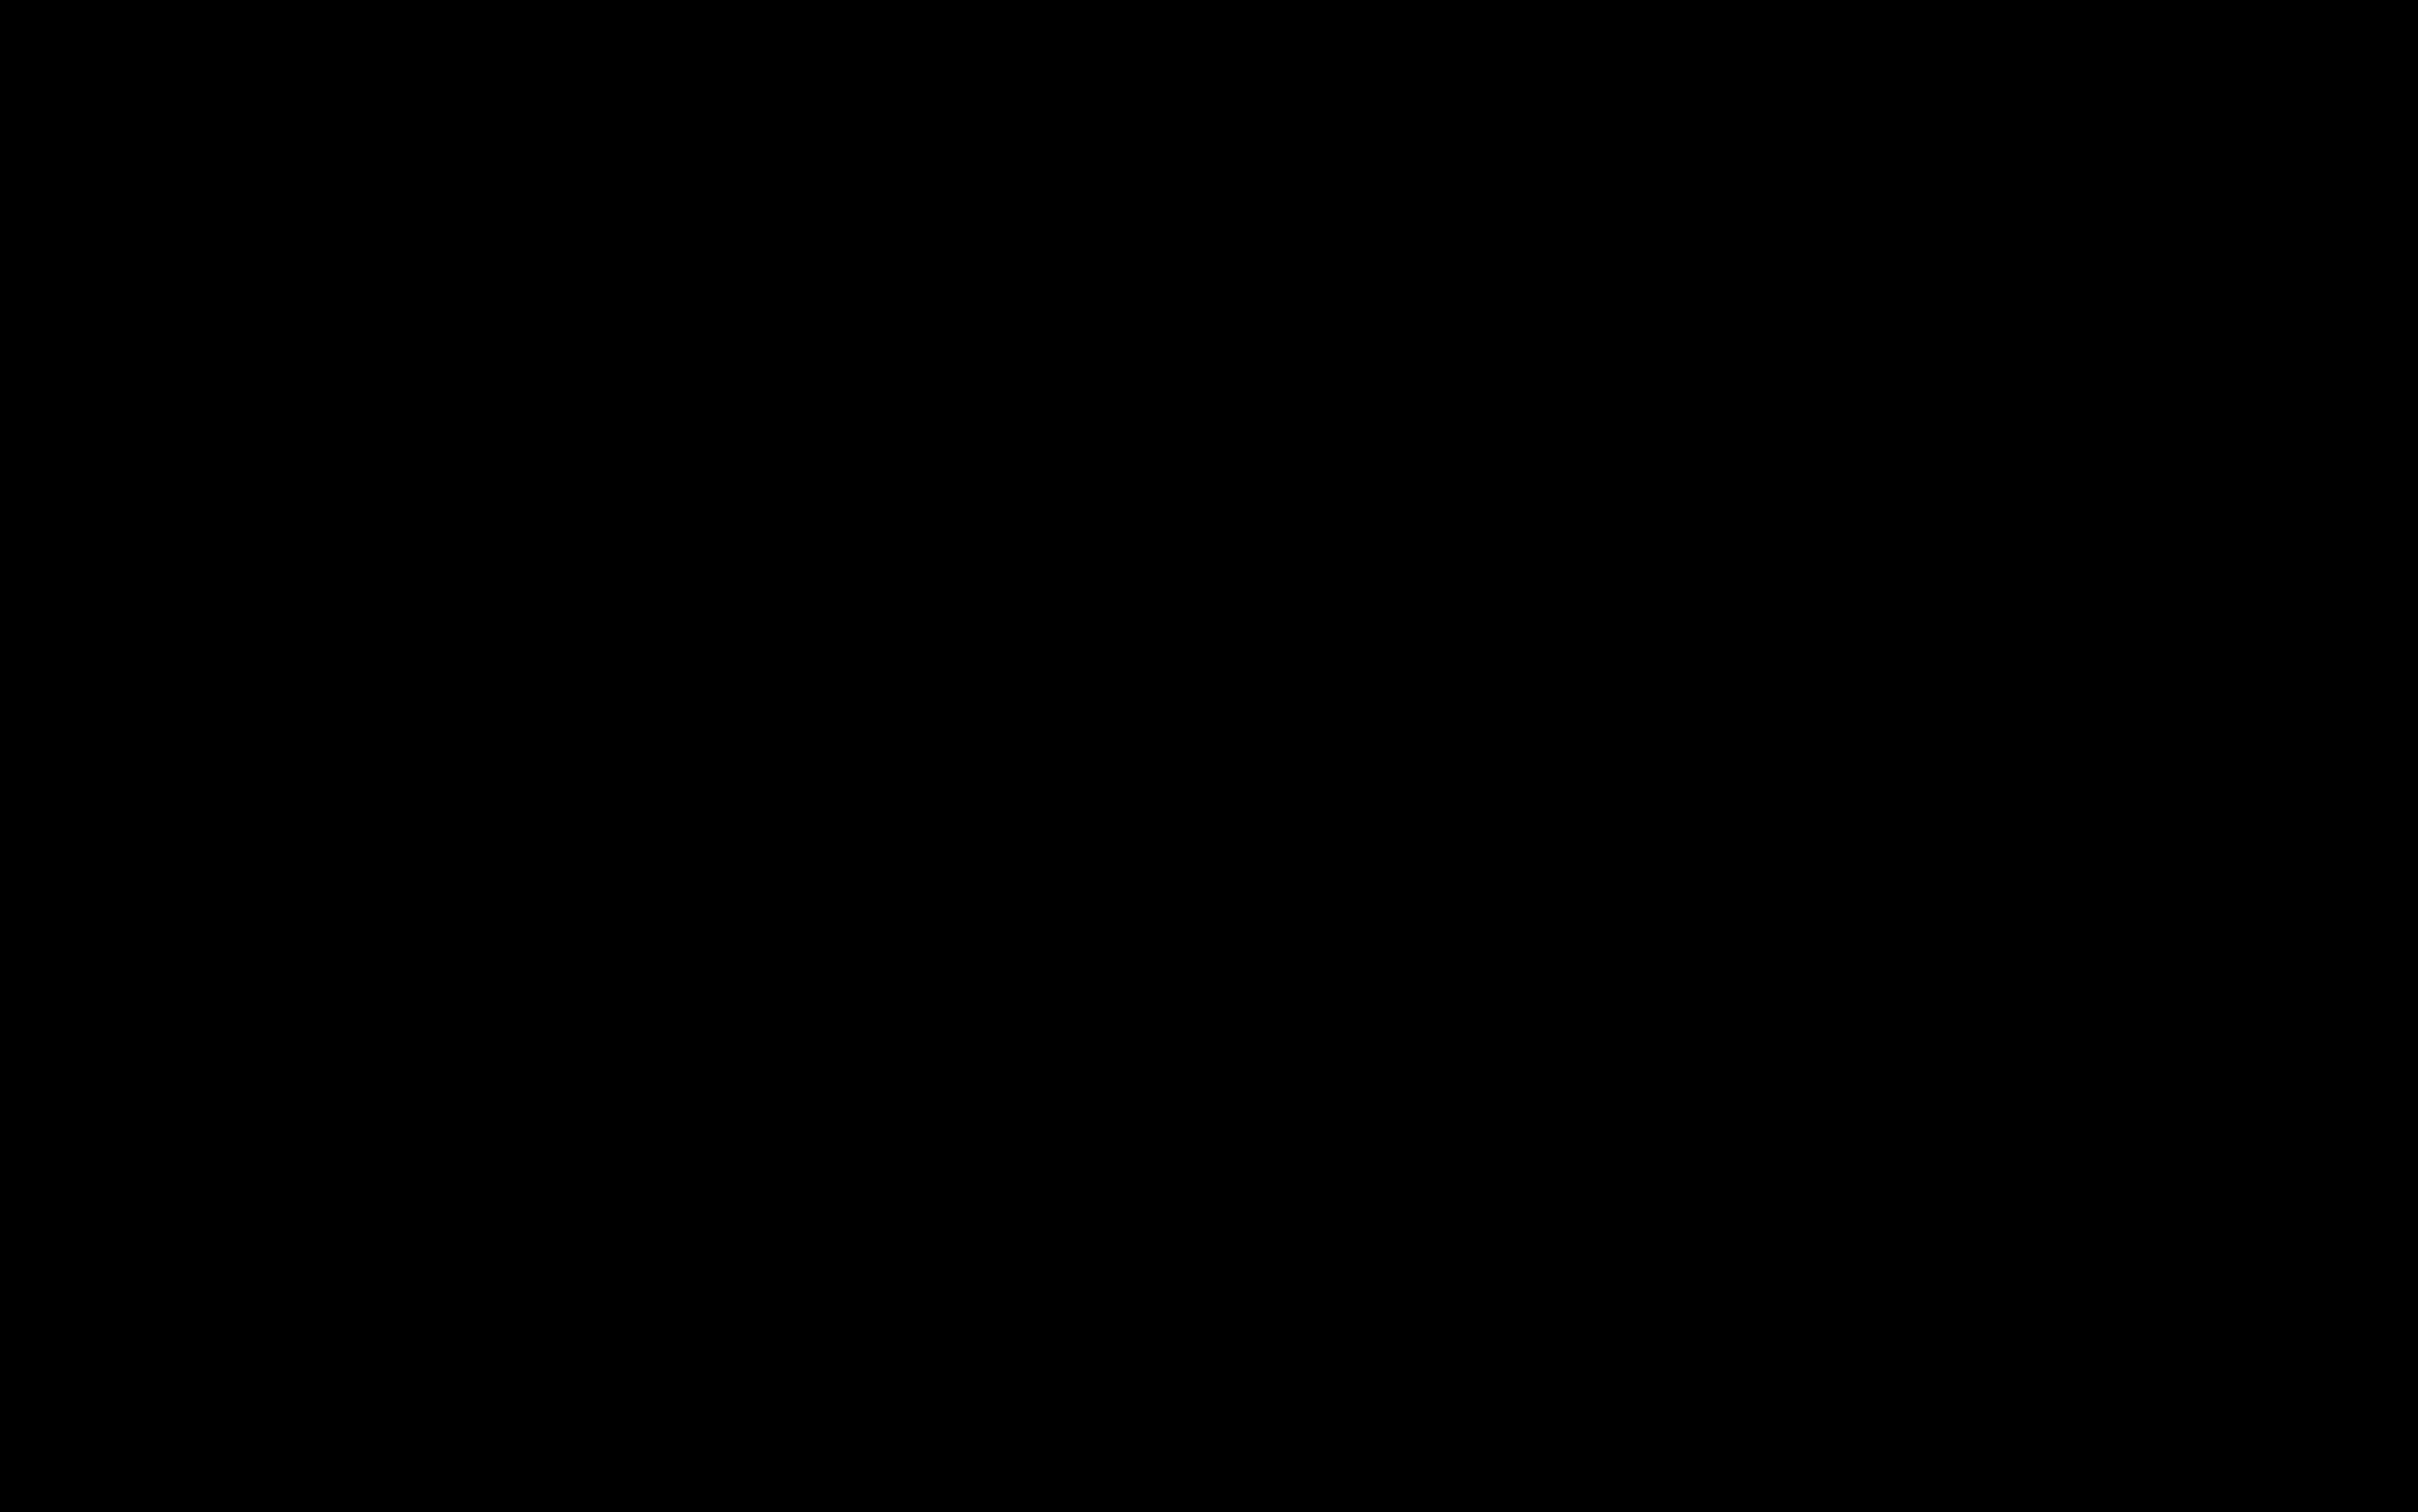 Buffet Aero tem estrutura em madeira maciça torneada.